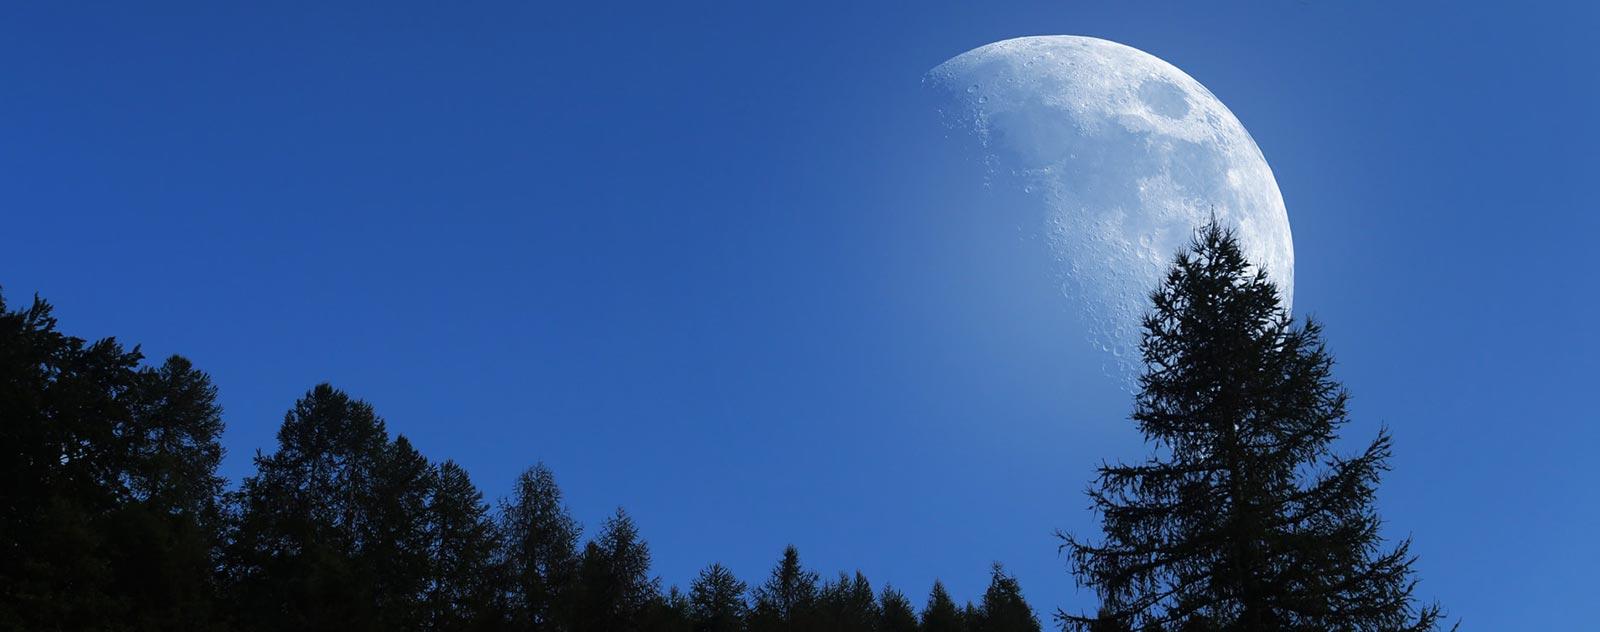 fondu de lune en forêt